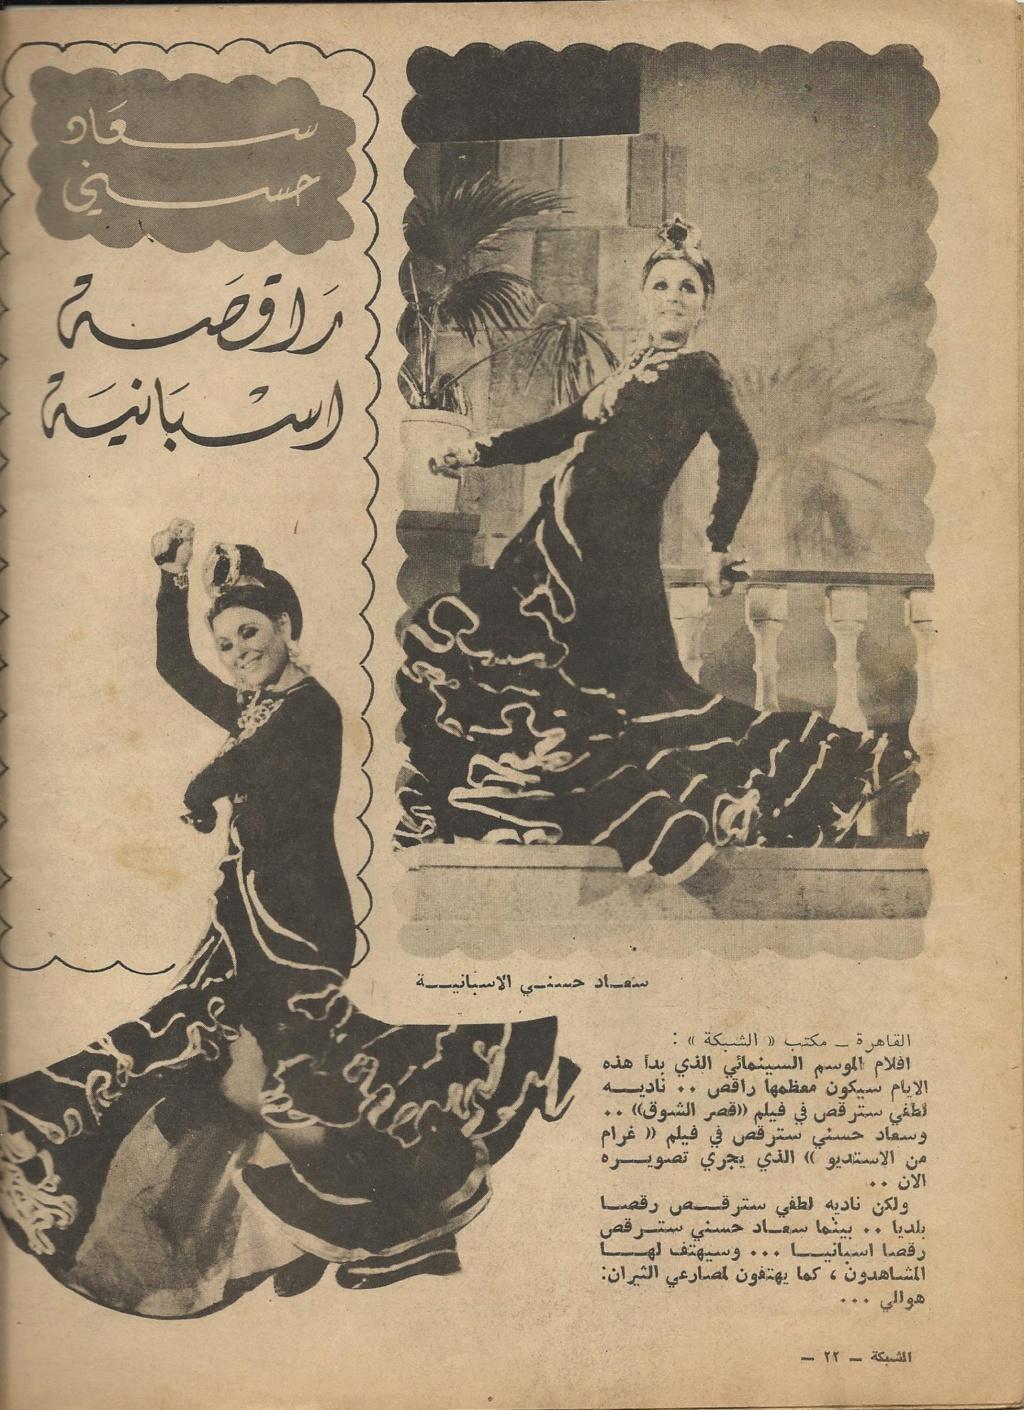 مقال - مقال صحفي : سعاد حسني راقصة اسبانية ١٩٦٧ م 1142